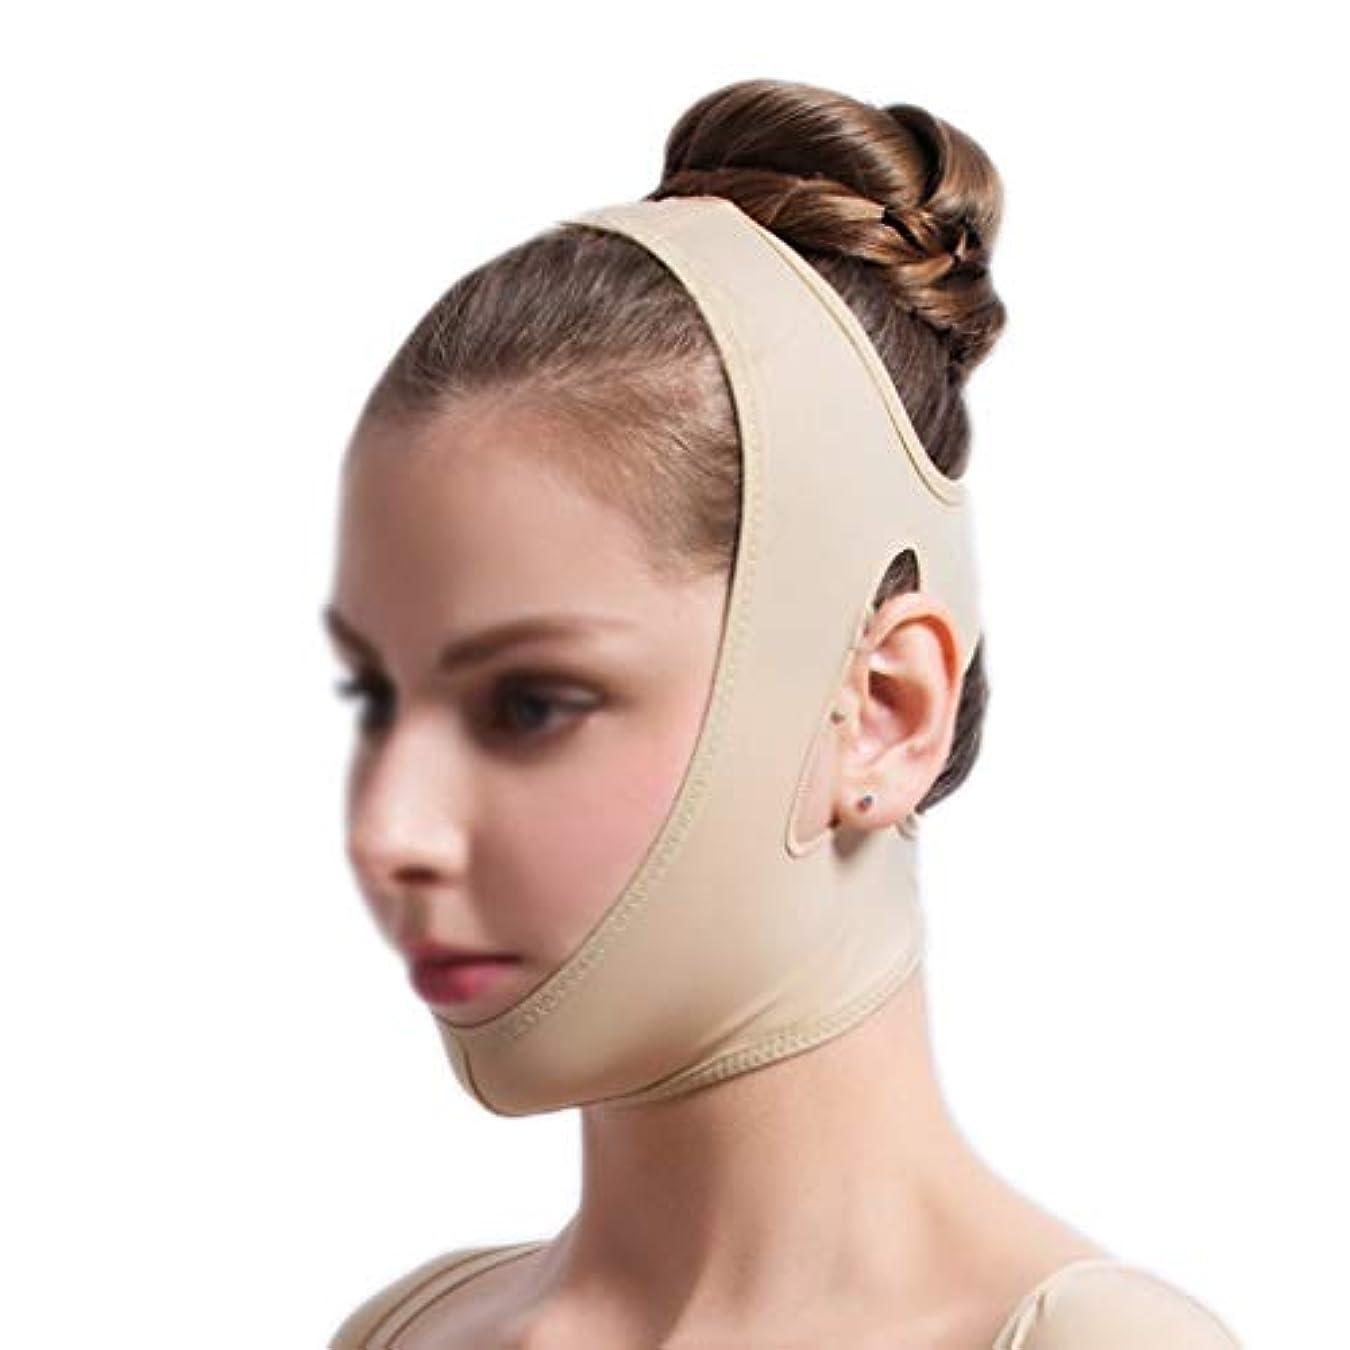 出席するボウル申請中XHLMRMJ フェイスリフティング包帯、フェイシャル減量マスク、フェイシャルリフティング痩身ベルト、痩身頬マスク (Size : XXL)